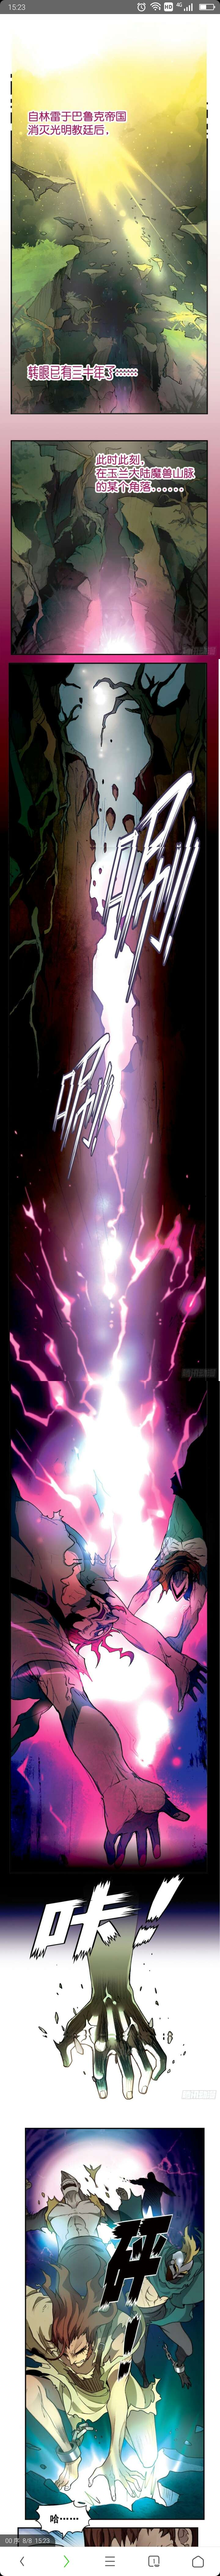 【漫画】盘龙2,妖精的尾巴邪恶漫画acg-小柚妹站